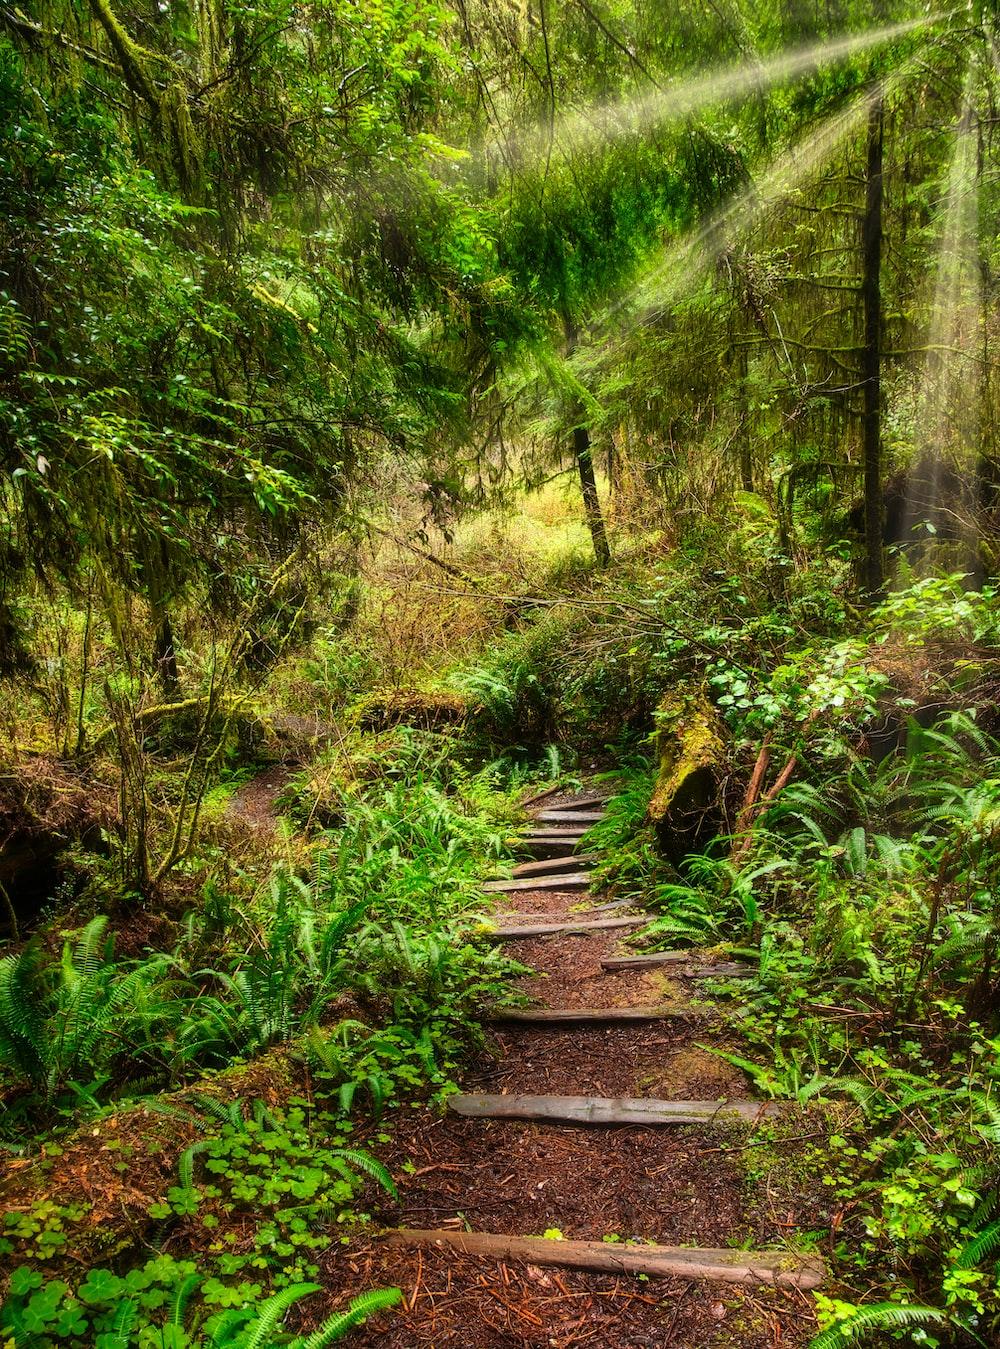 brown wooden pathway between green trees